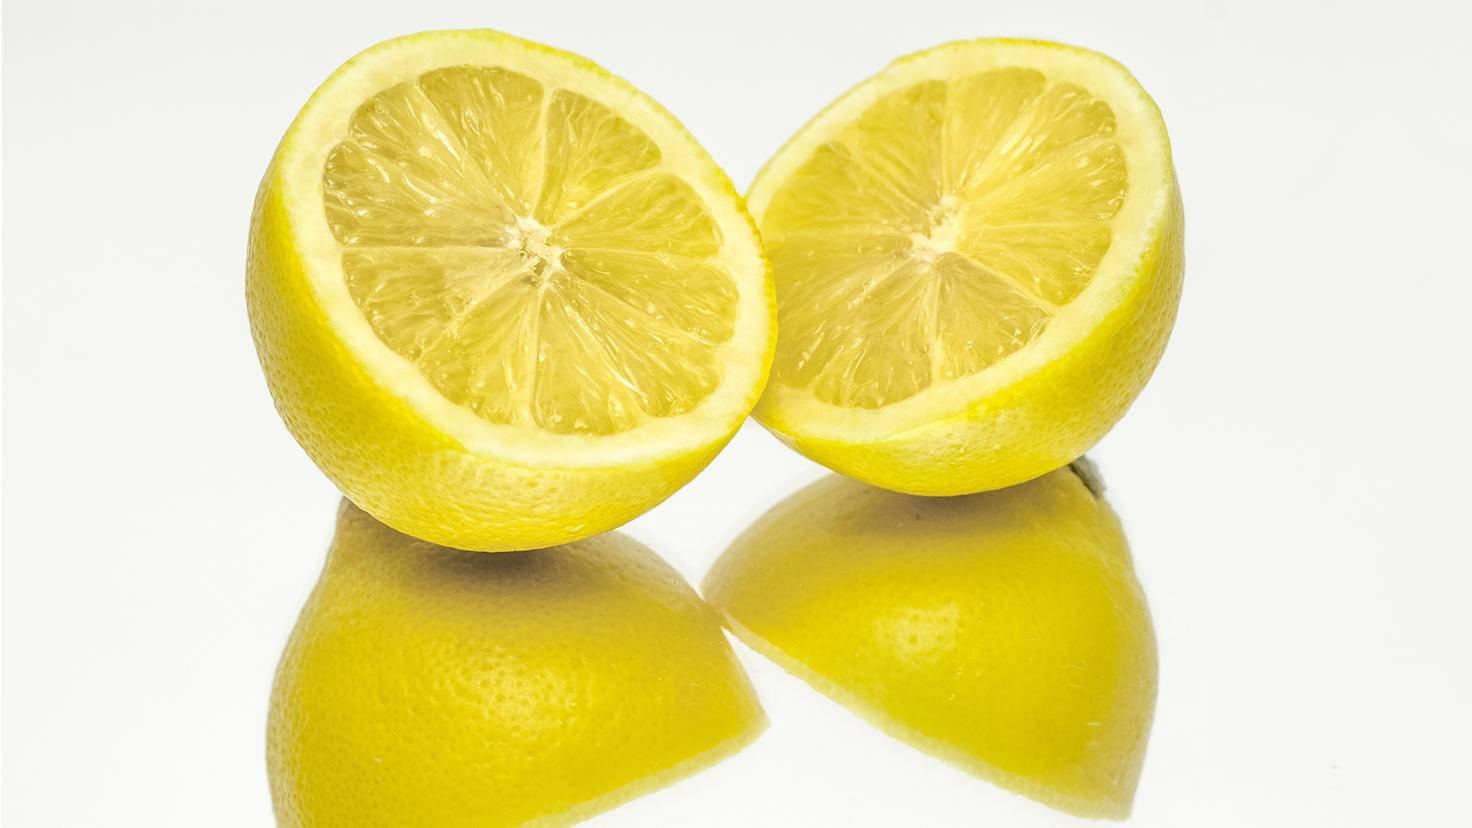 Zitronen bringen die Sohle Deines Bügeleisens zum Glänzen.